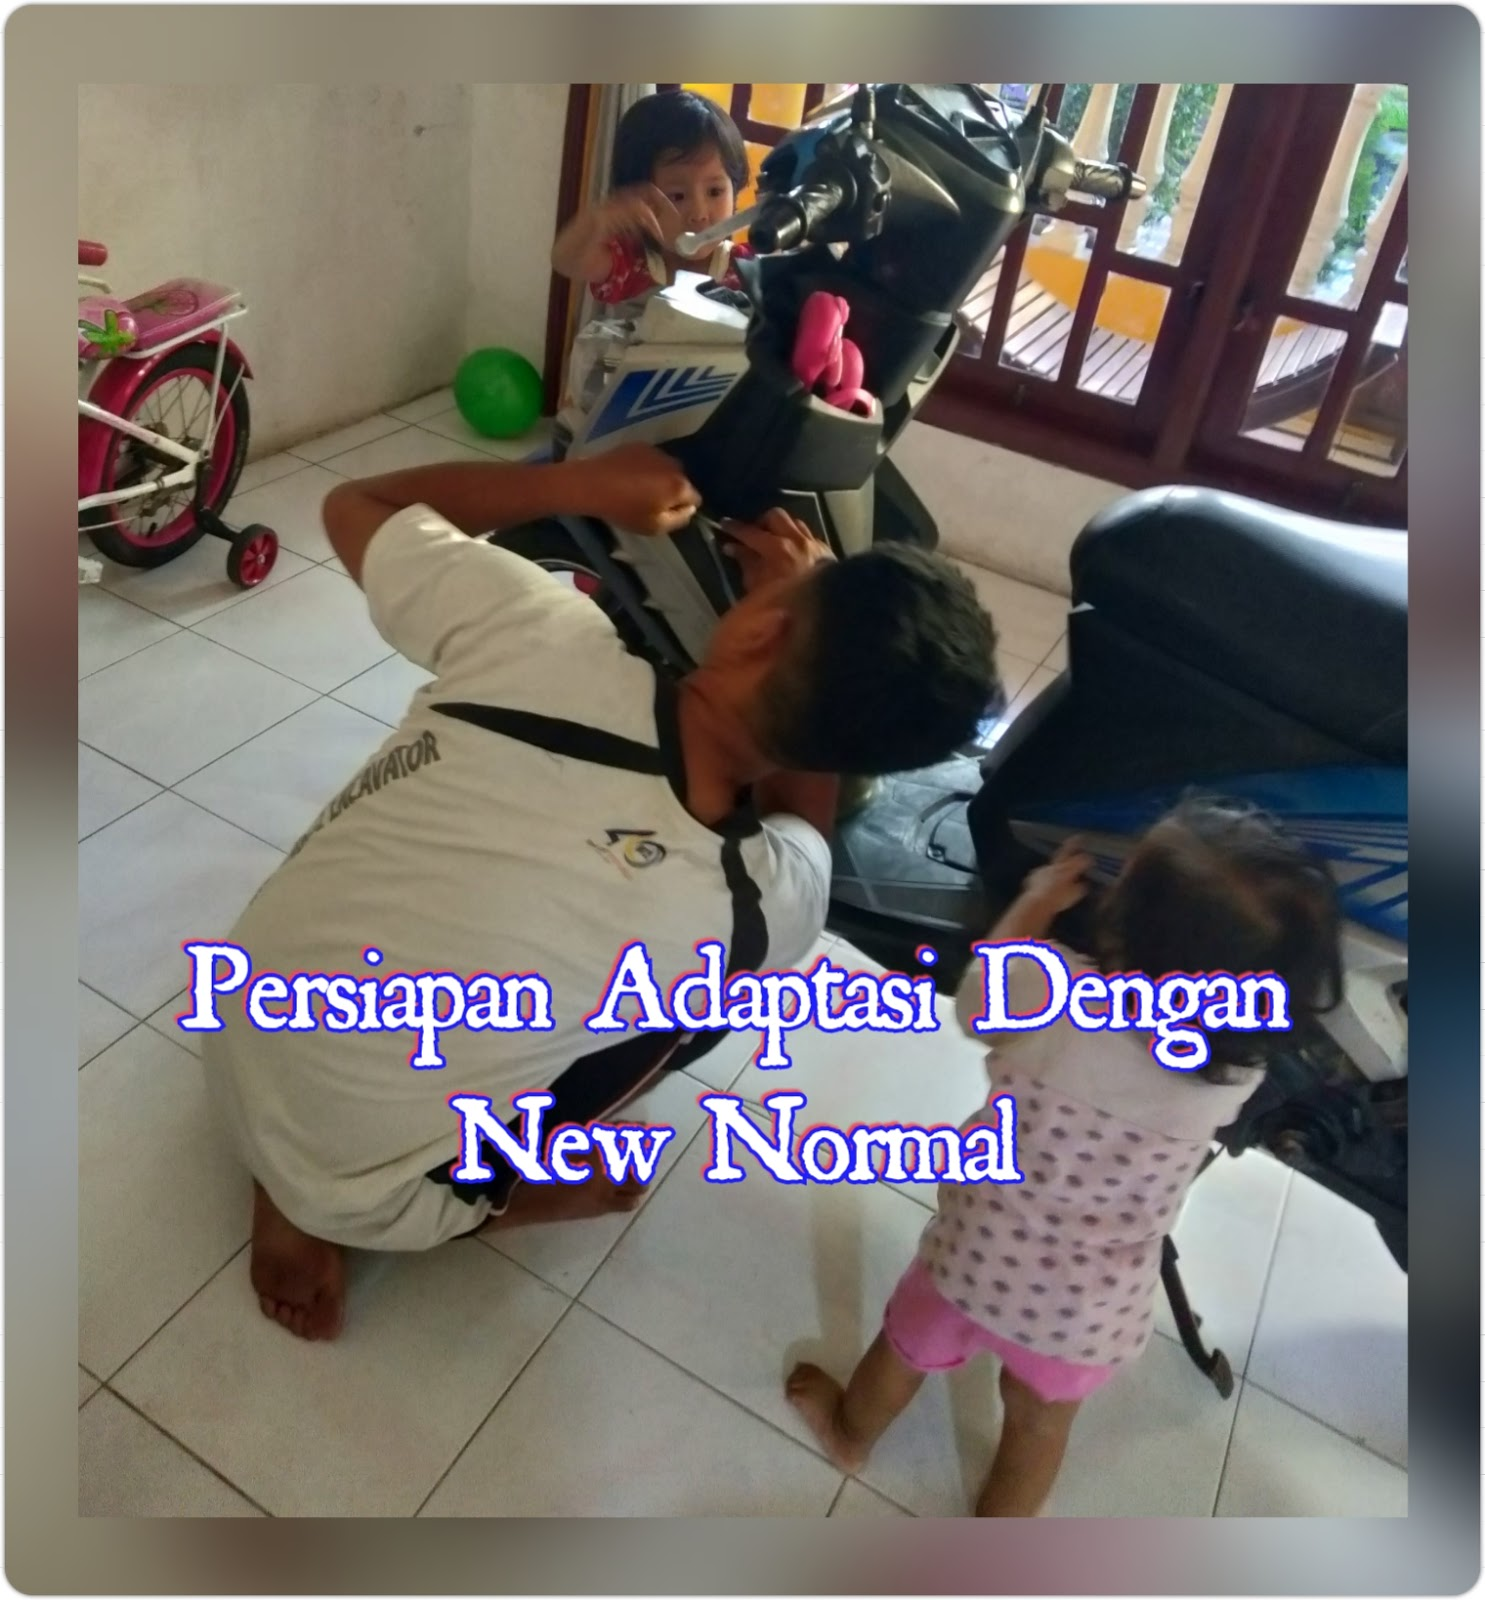 Adaptasi dengan new normal